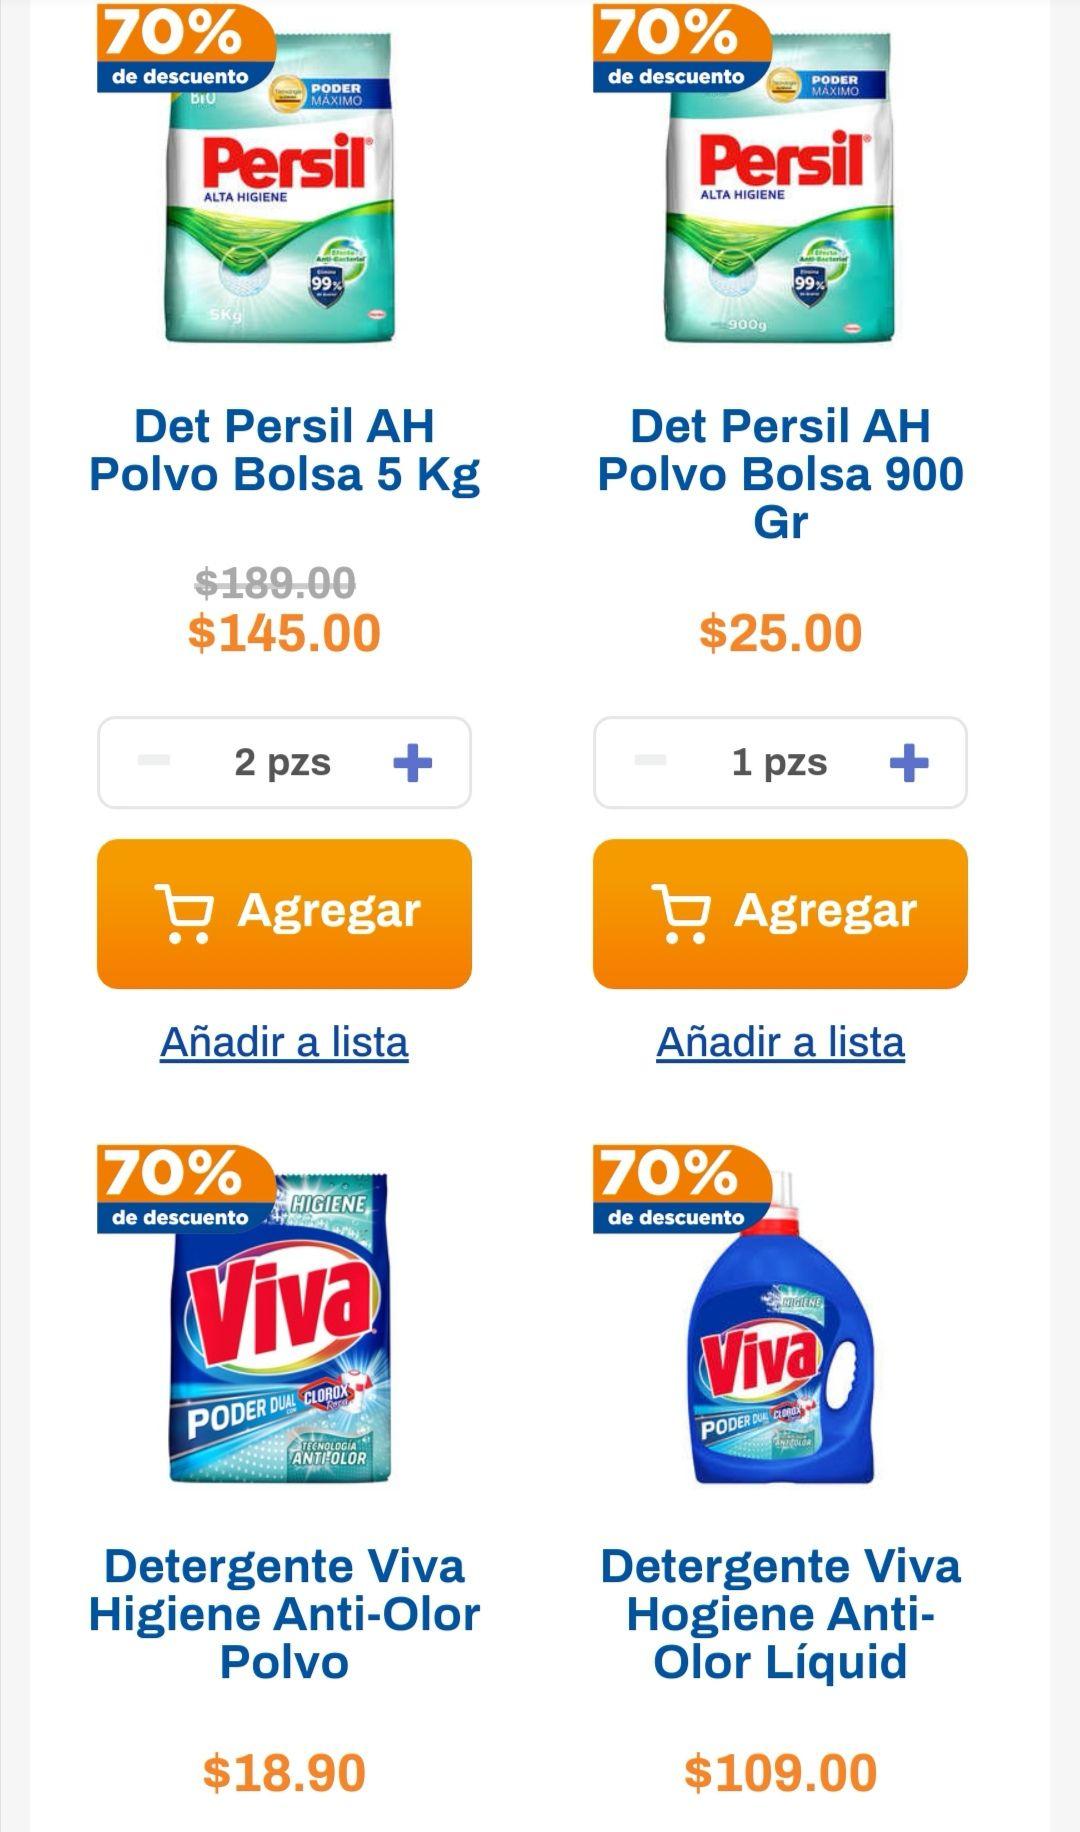 Chedraui: 70% de descuento en la segunda pieza de detergente Persil o Viva